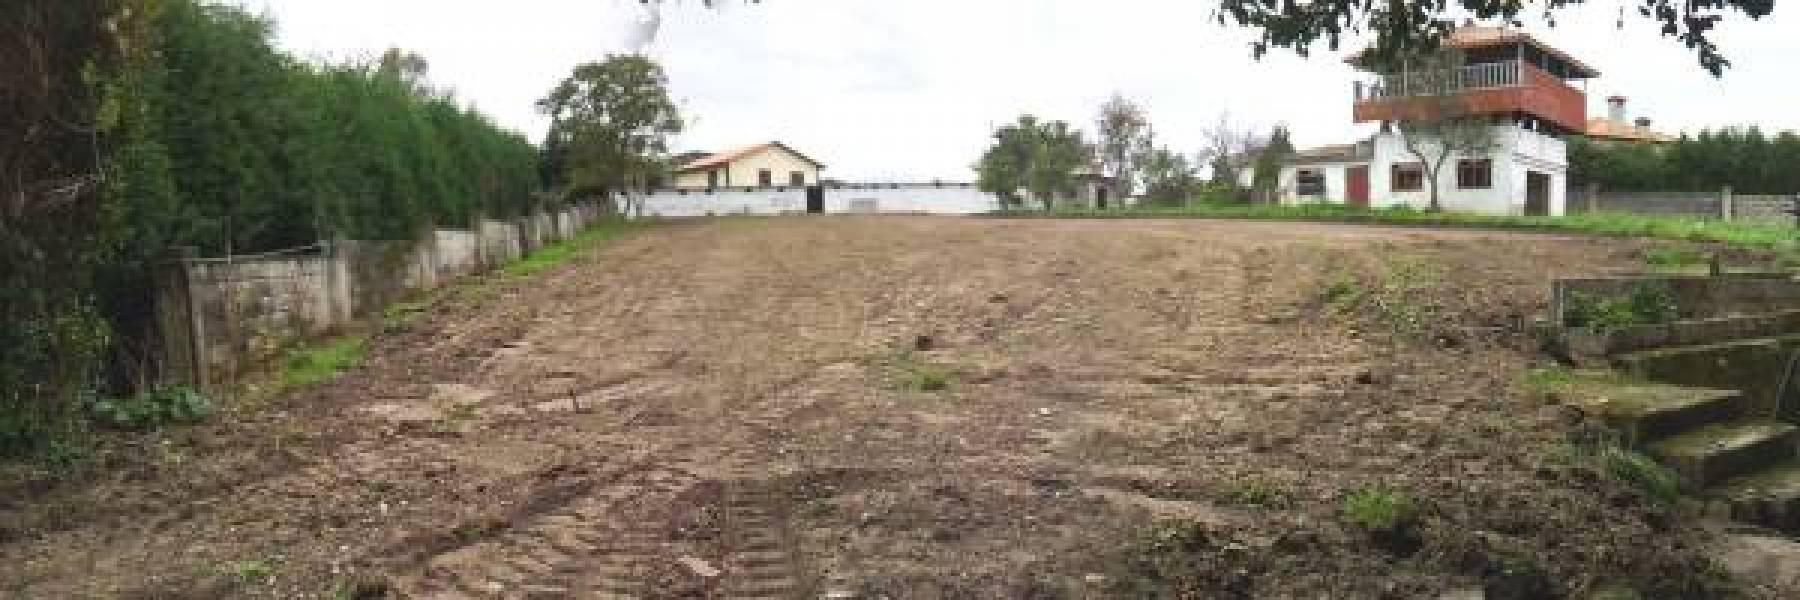 Venta de terreno rural en cudillero - imagenInmueble4